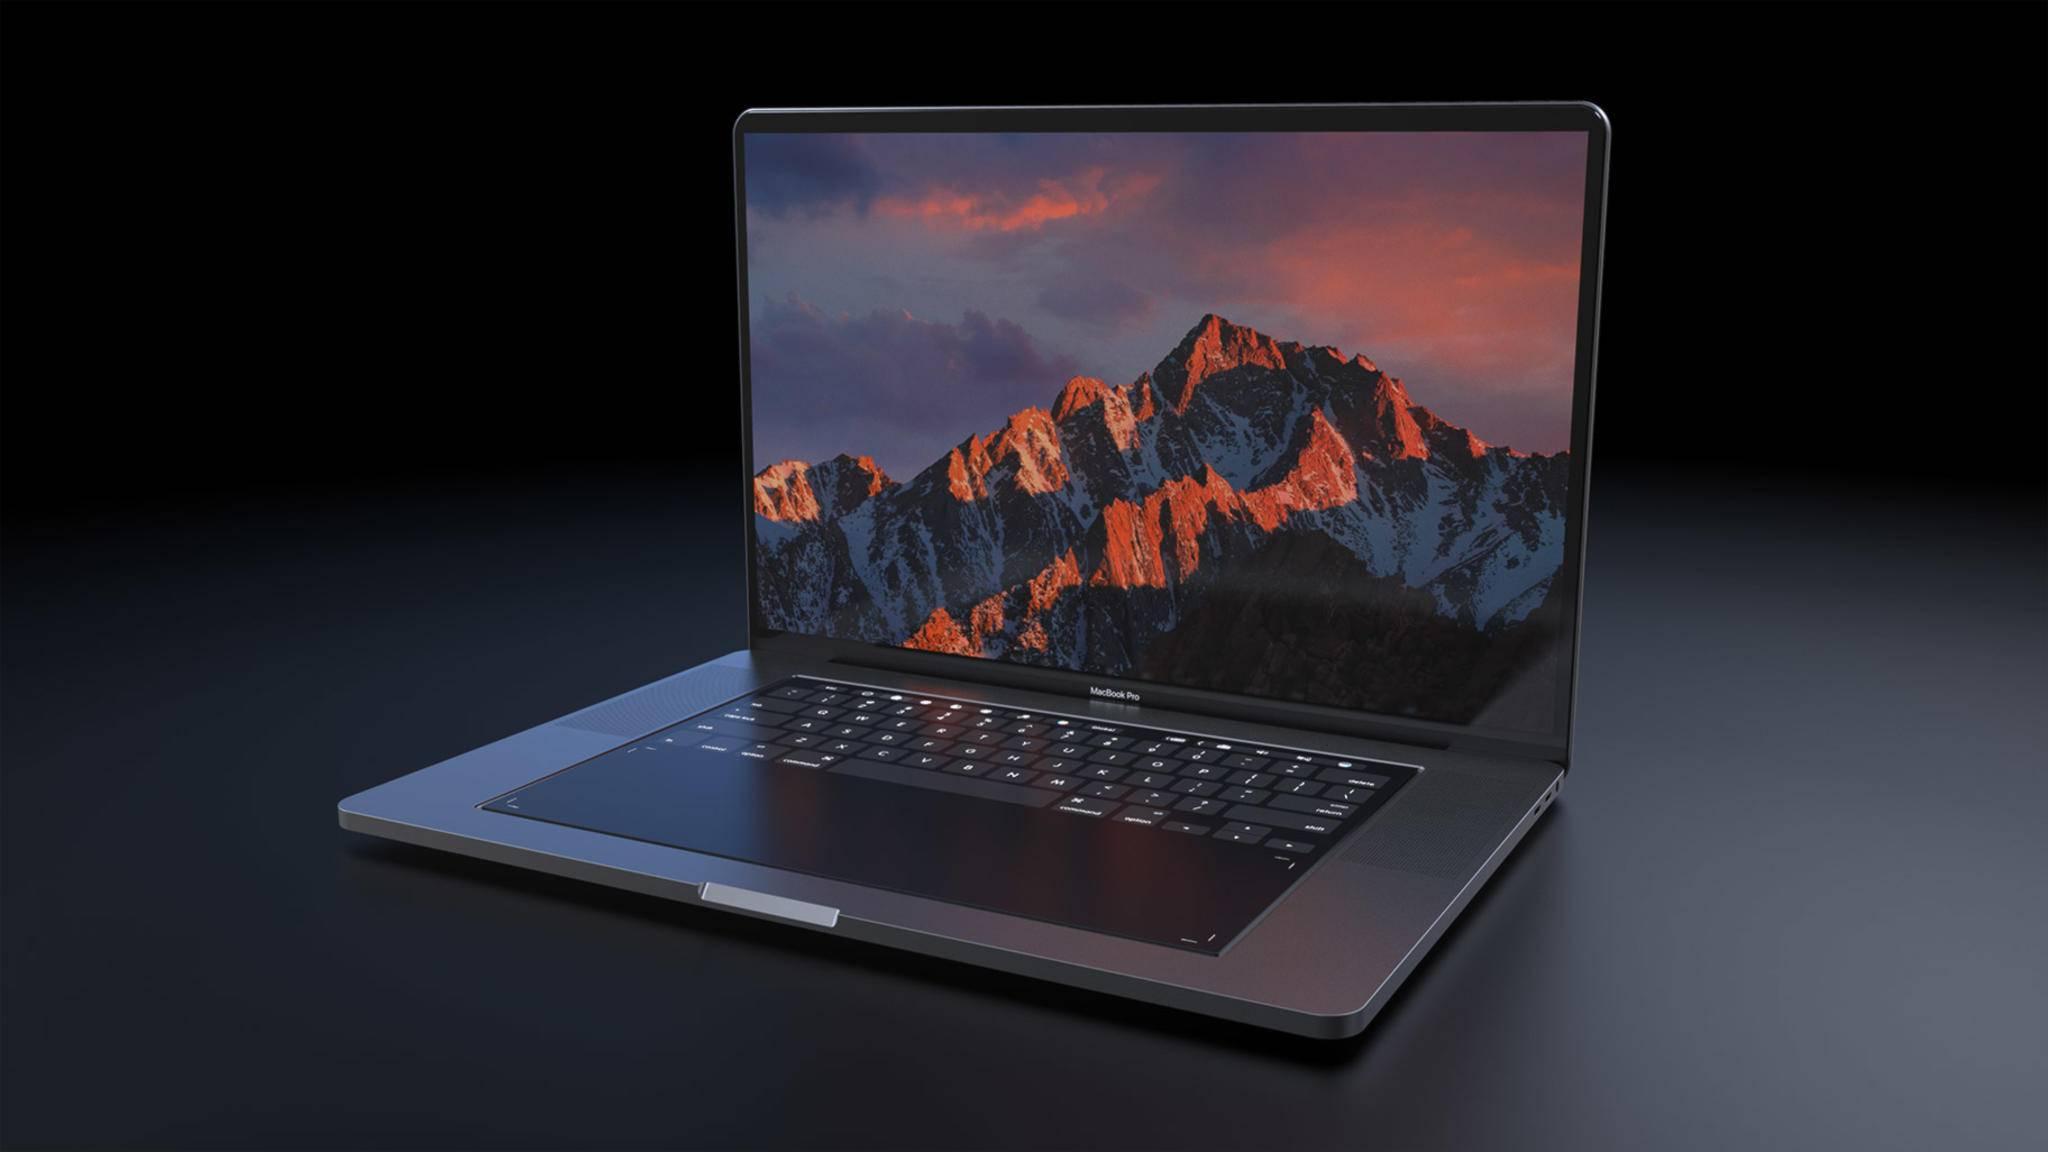 Wann wird es das MacBook Pro mit 16 Zoll endlich zu kaufen geben? (Konzeptbild)